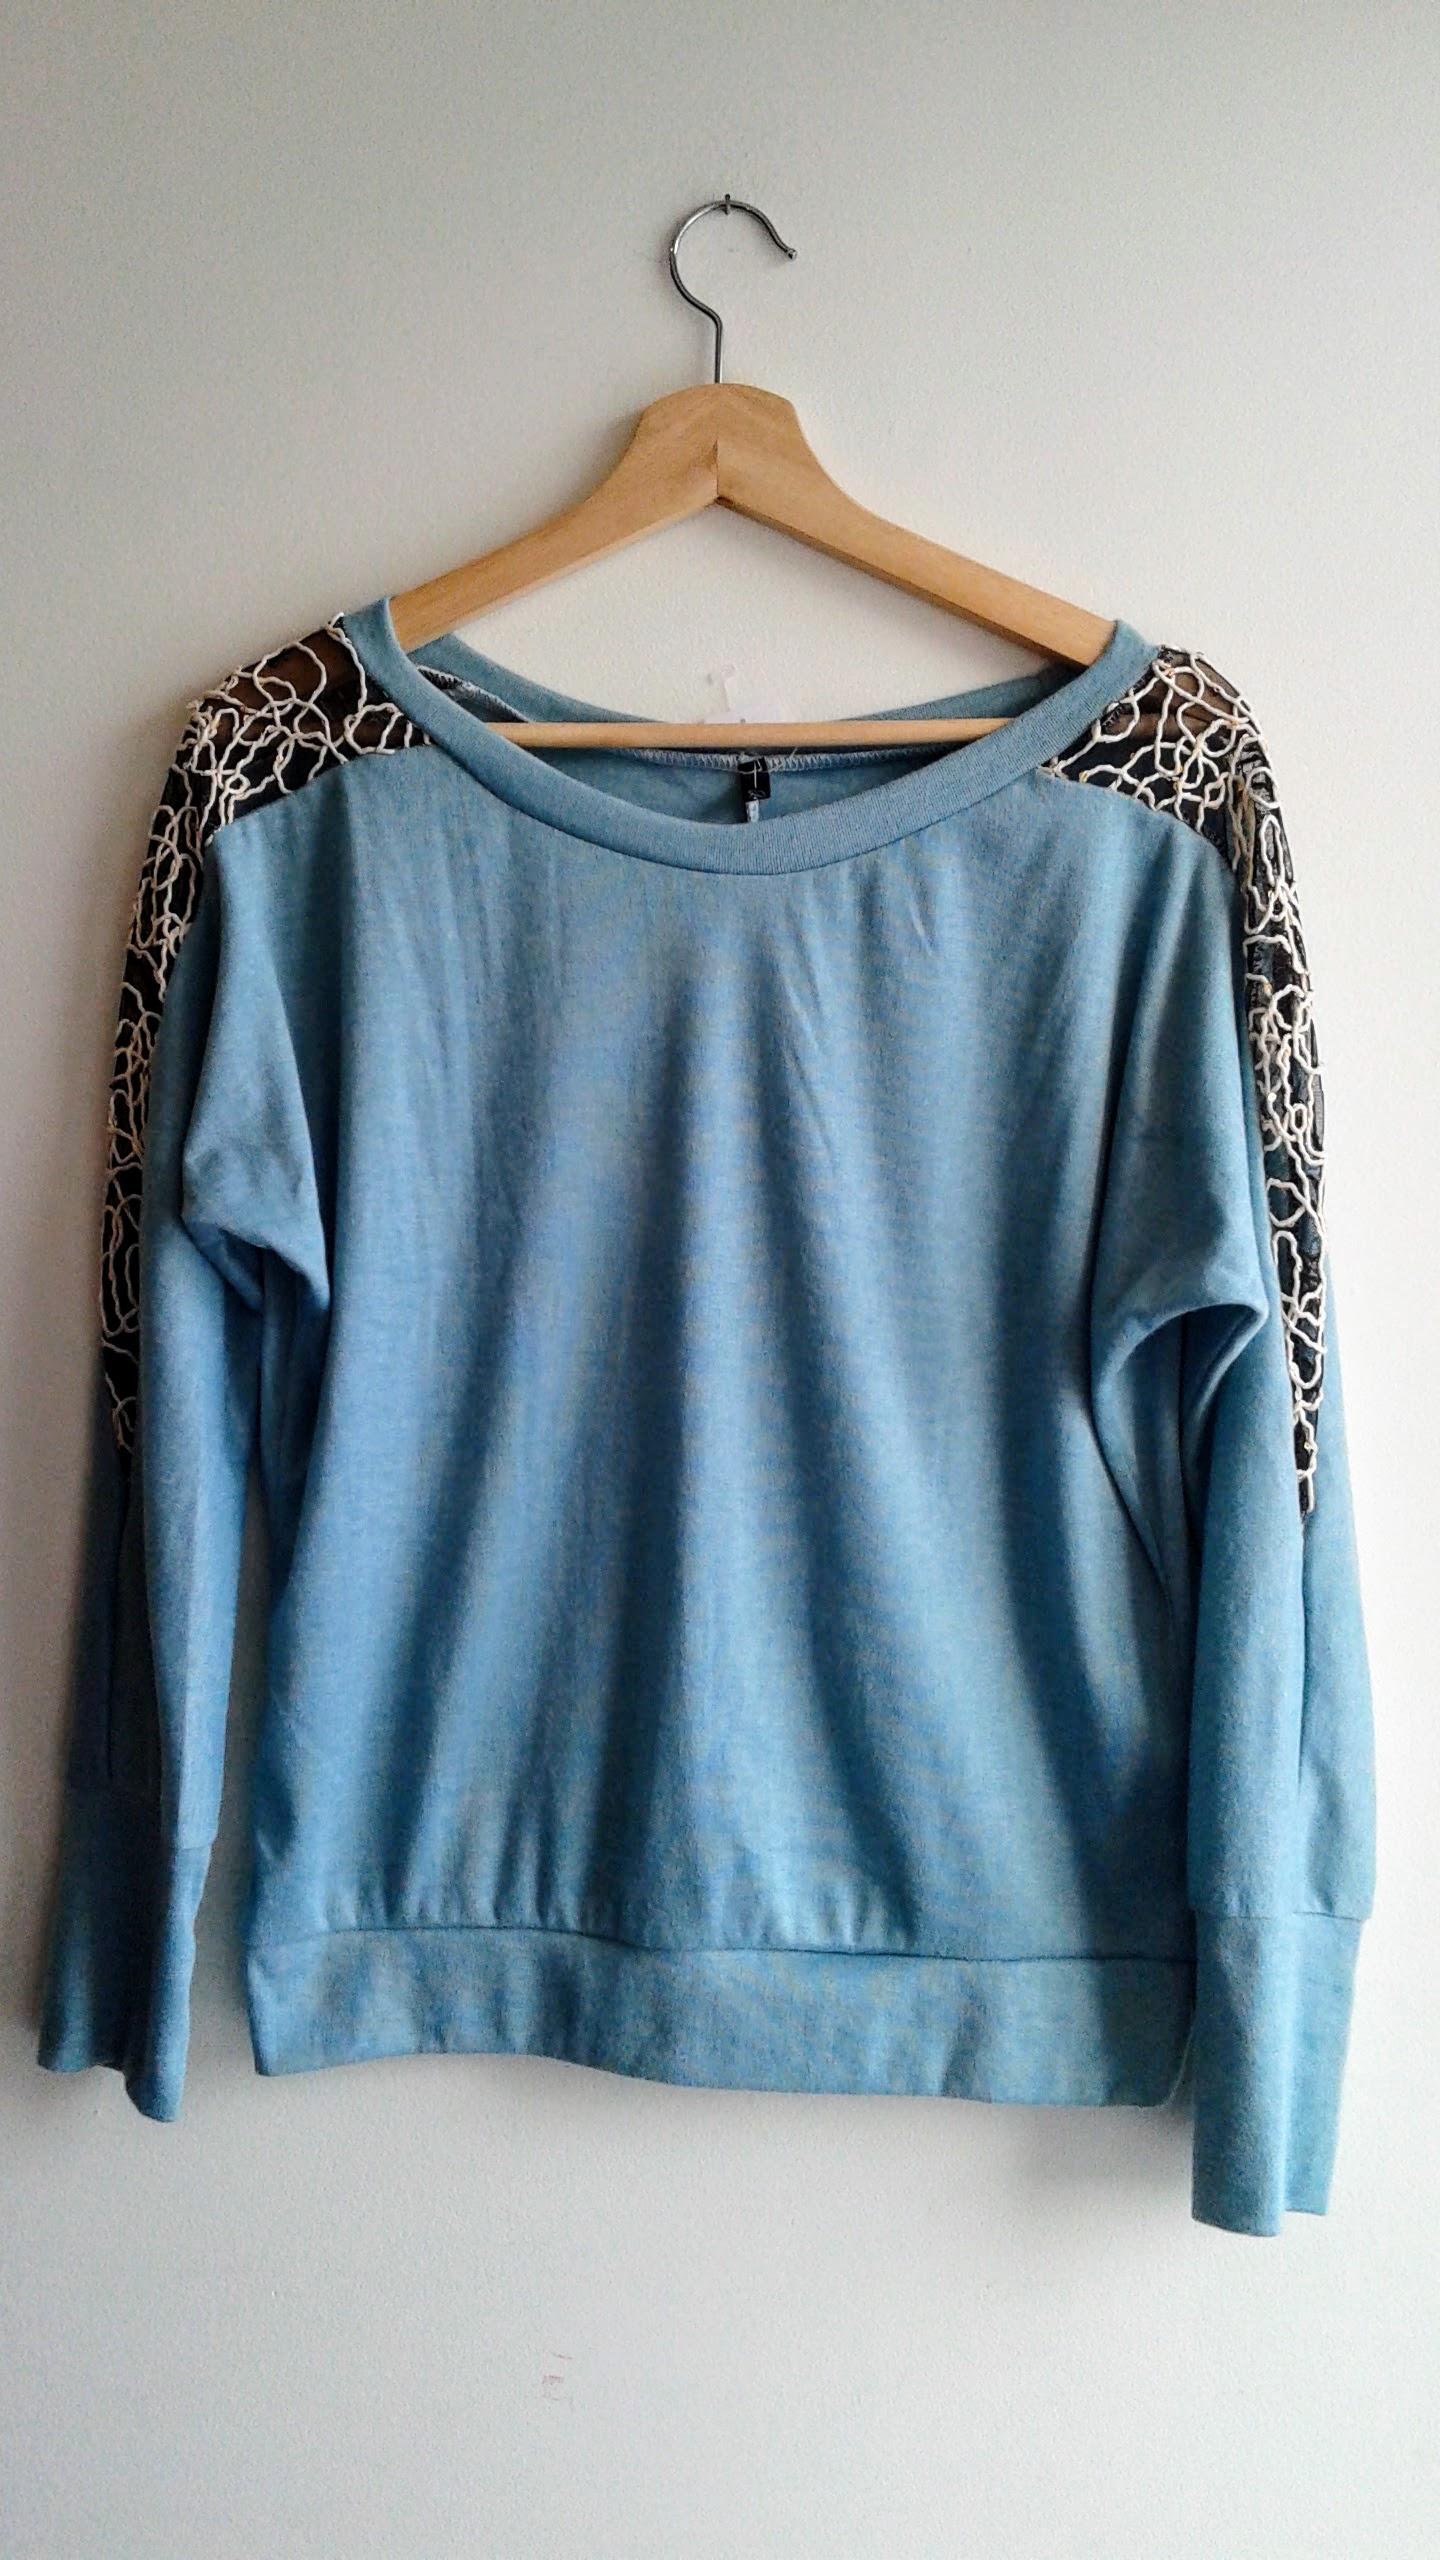 Blue top; Size M, $18